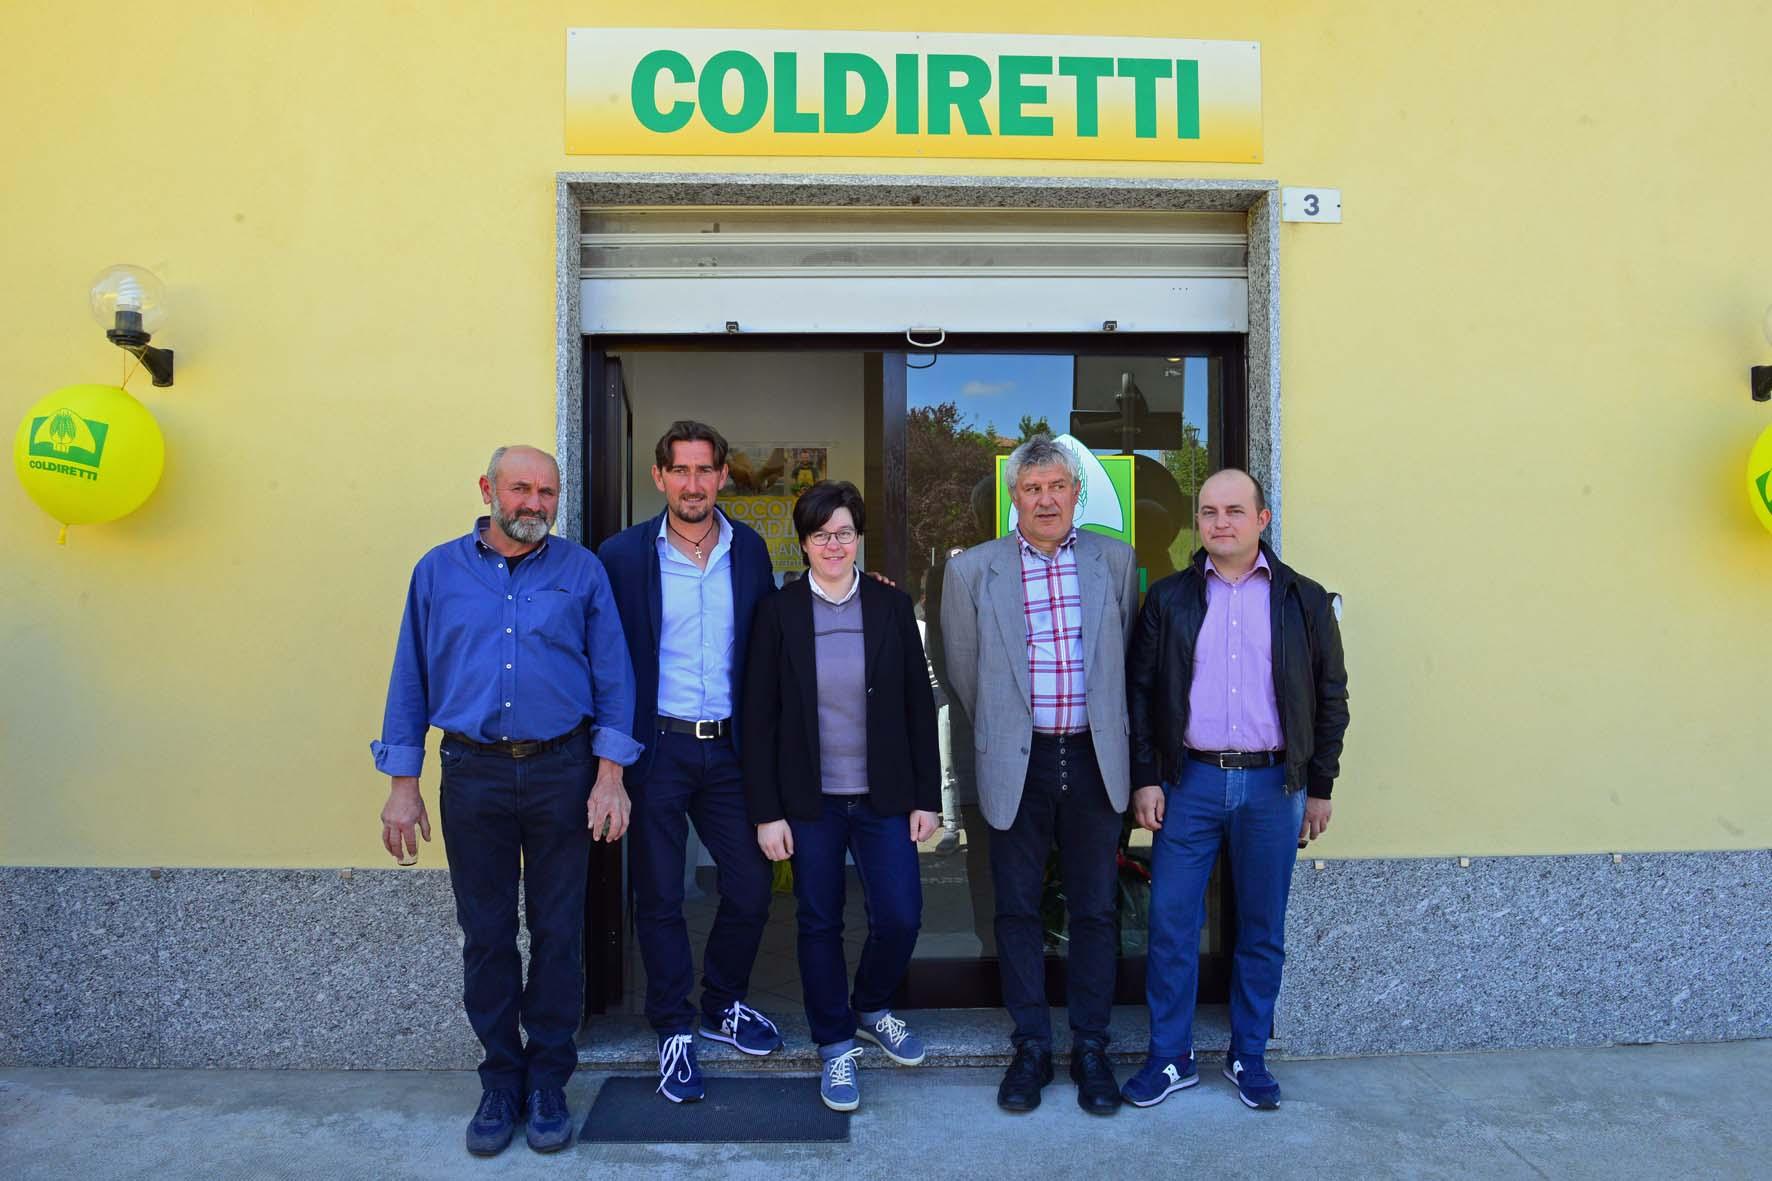 Coldiretti Castagnole